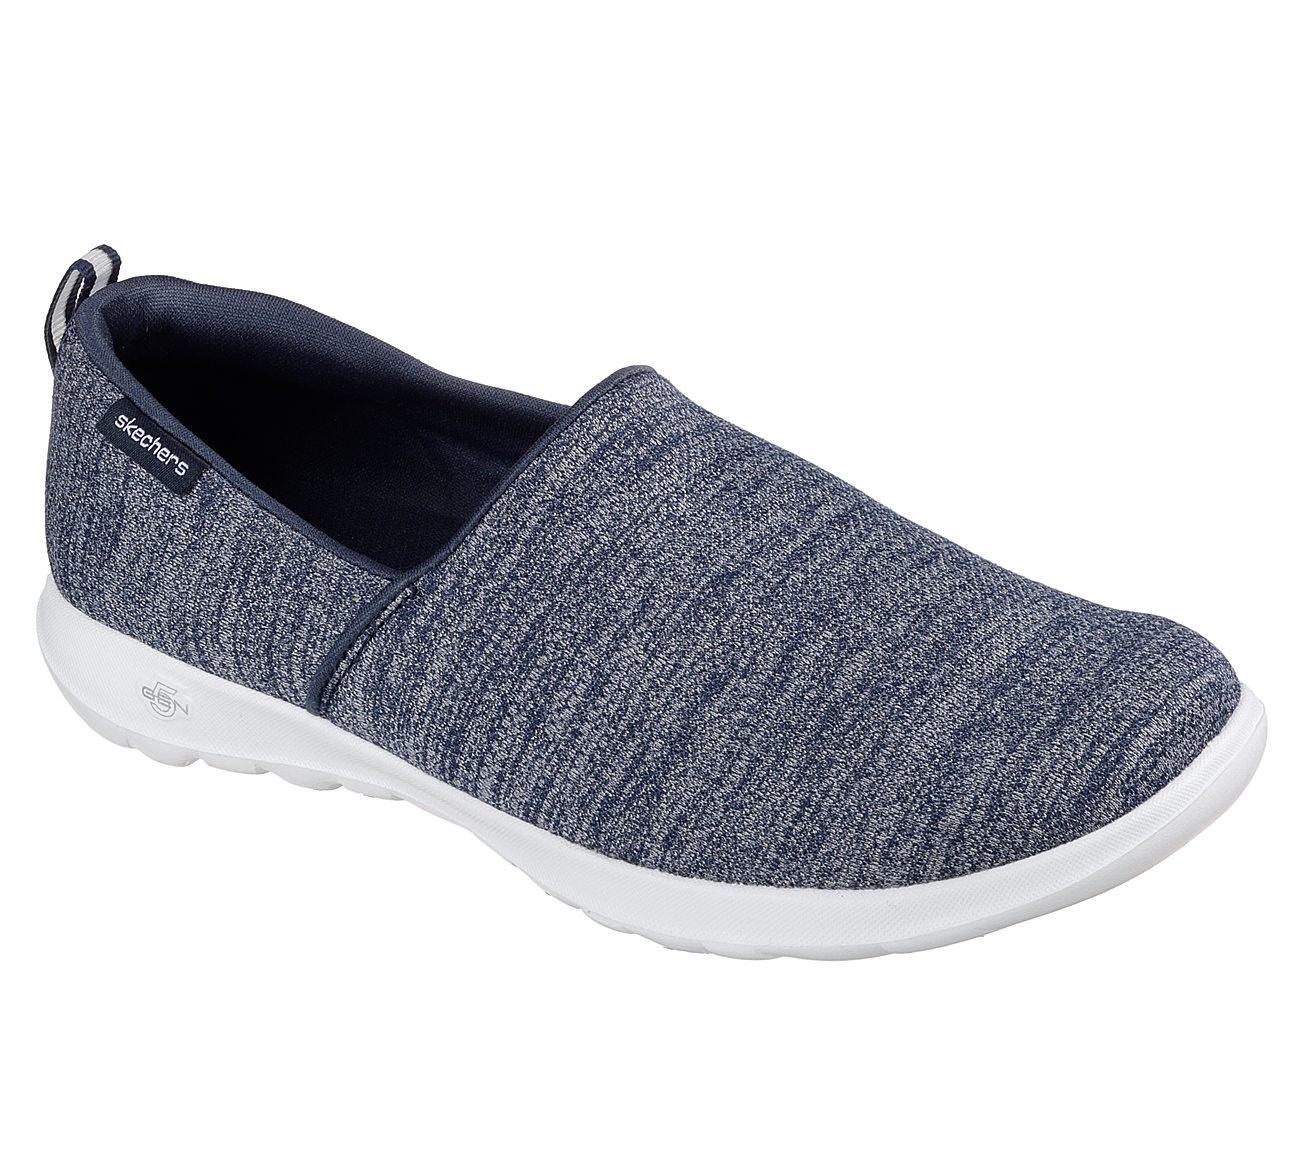 1e2356539af1 Buy SKECHERS Skechers GOwalk Lite - Starlet Comfort Shoes Shoes only ...